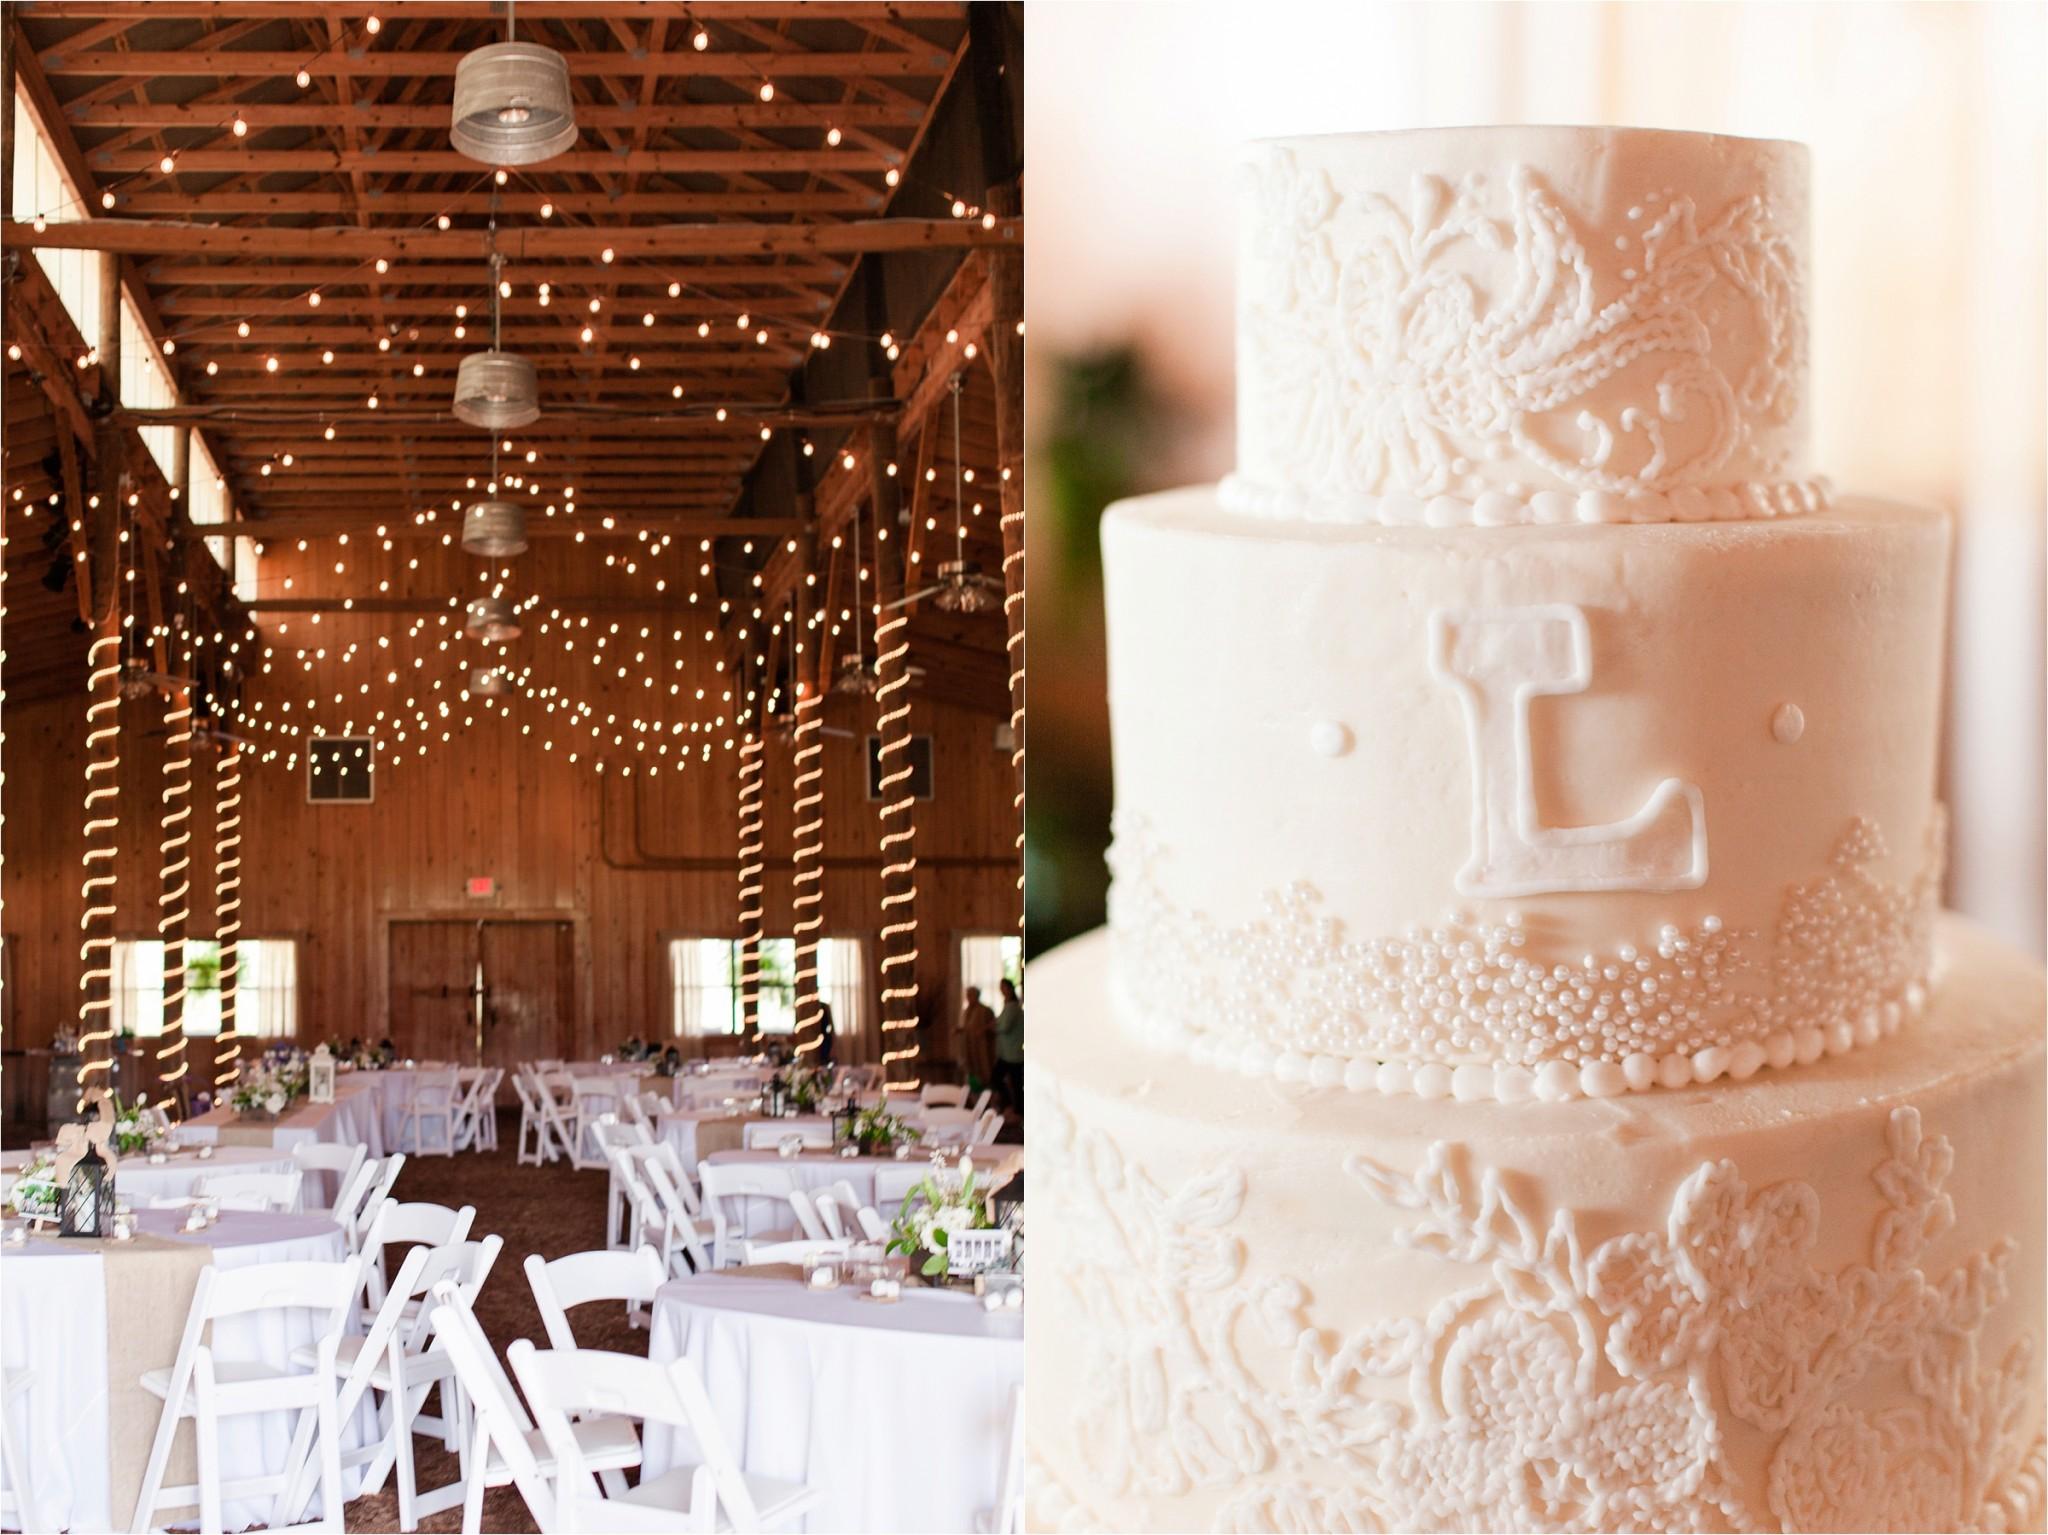 Lewis_Oak_Hollow_Wedding_Fairhope_AL_0187